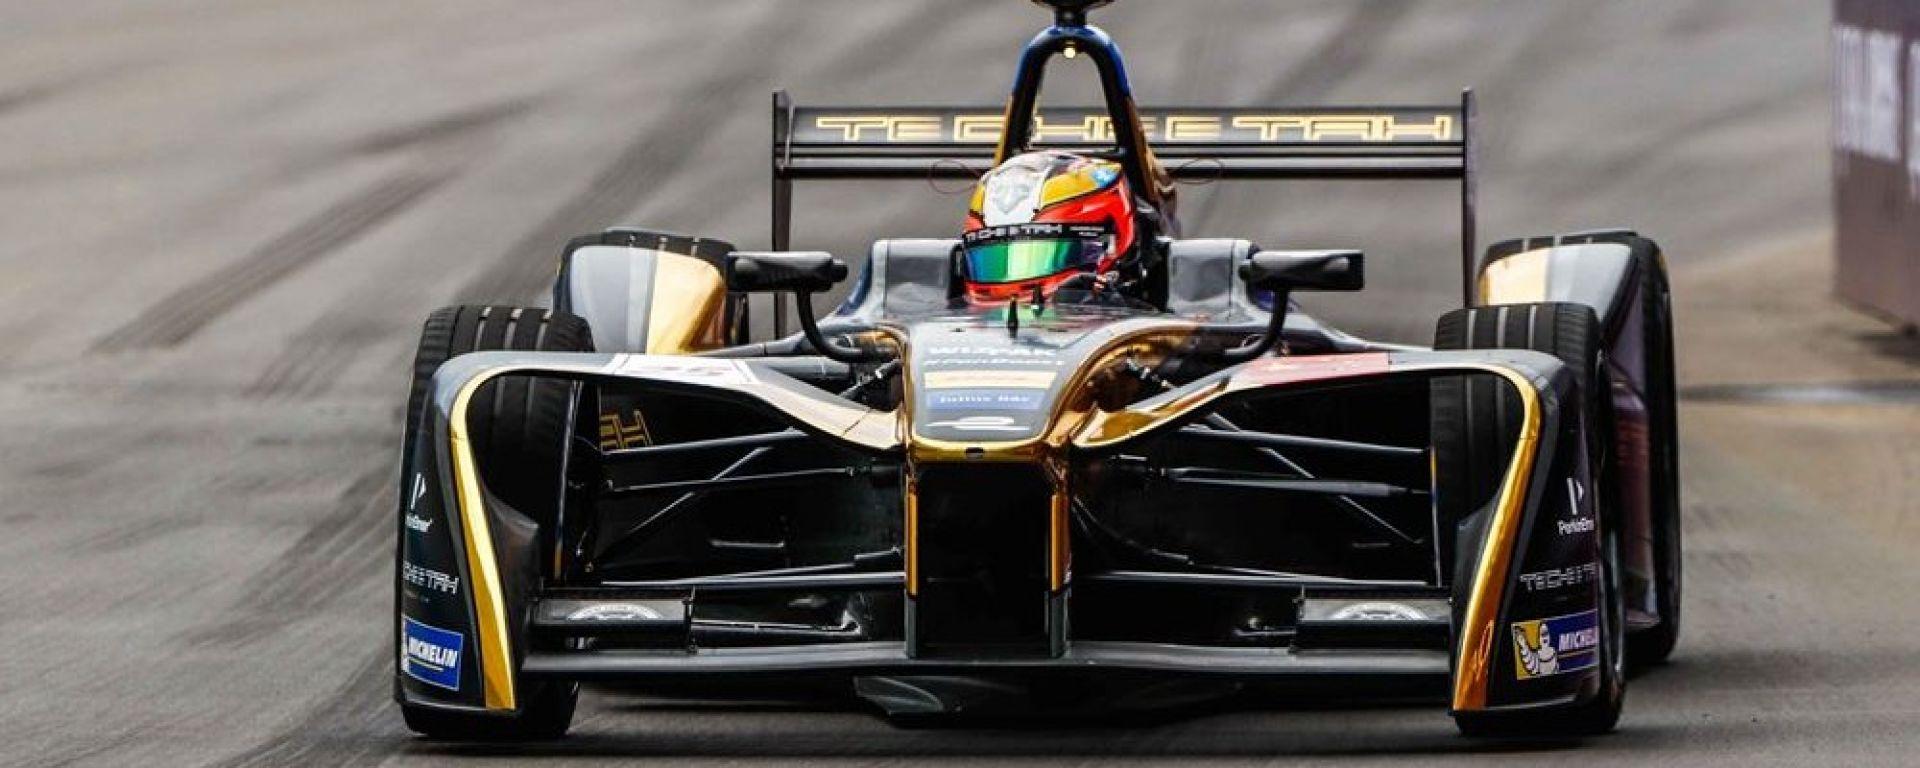 Tacheetah conquista la prima doppietta di un team per la Formula E